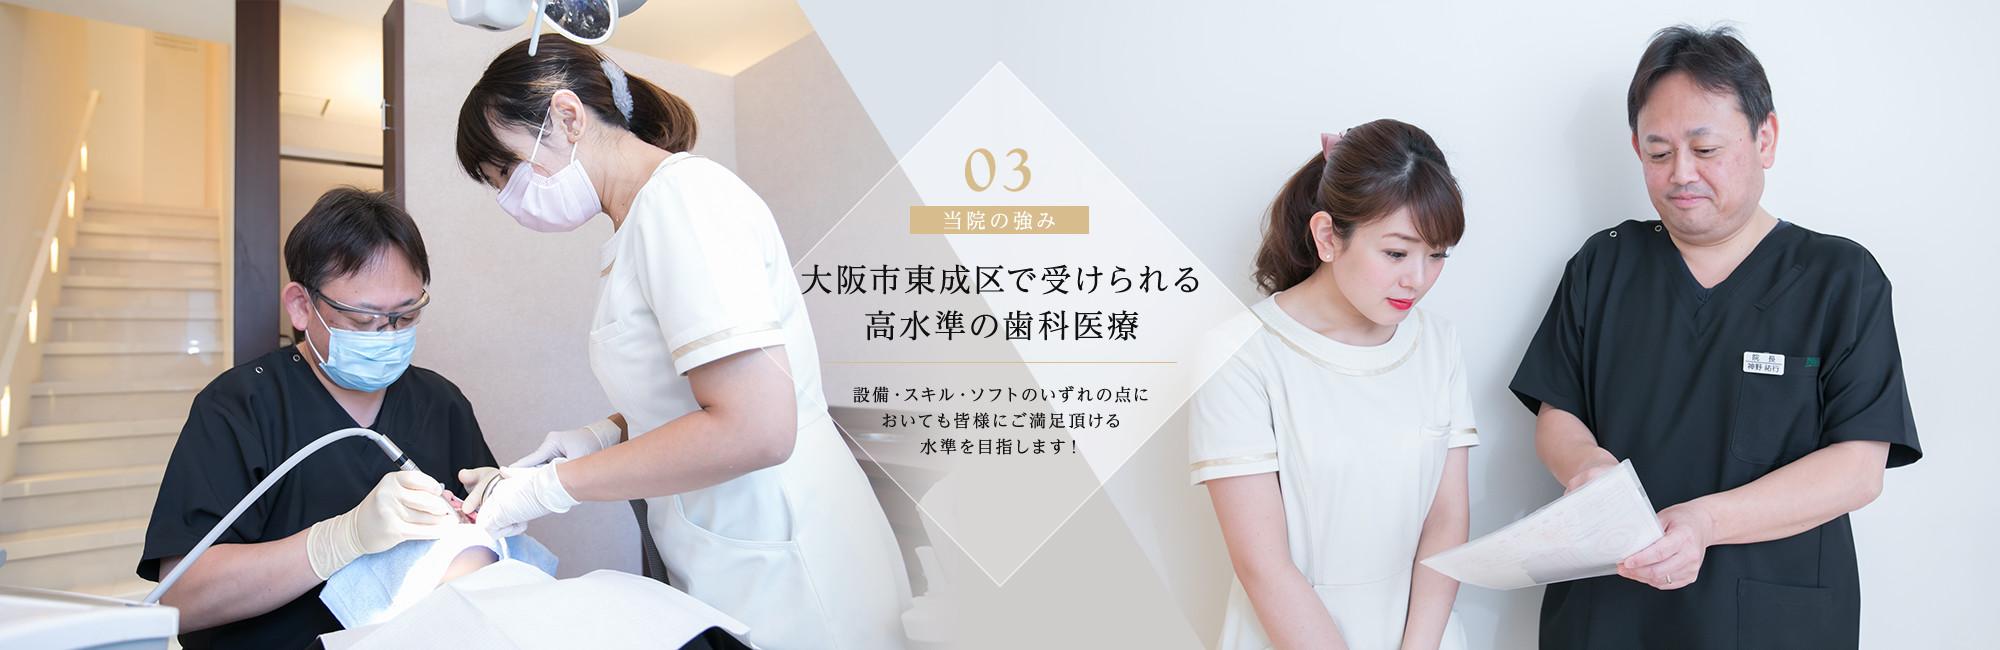 大阪市東成区で受けられる高水準の歯科医療 設備・スキル・ソフトのいずれの点においても皆様にご満足頂ける水準を目指します!